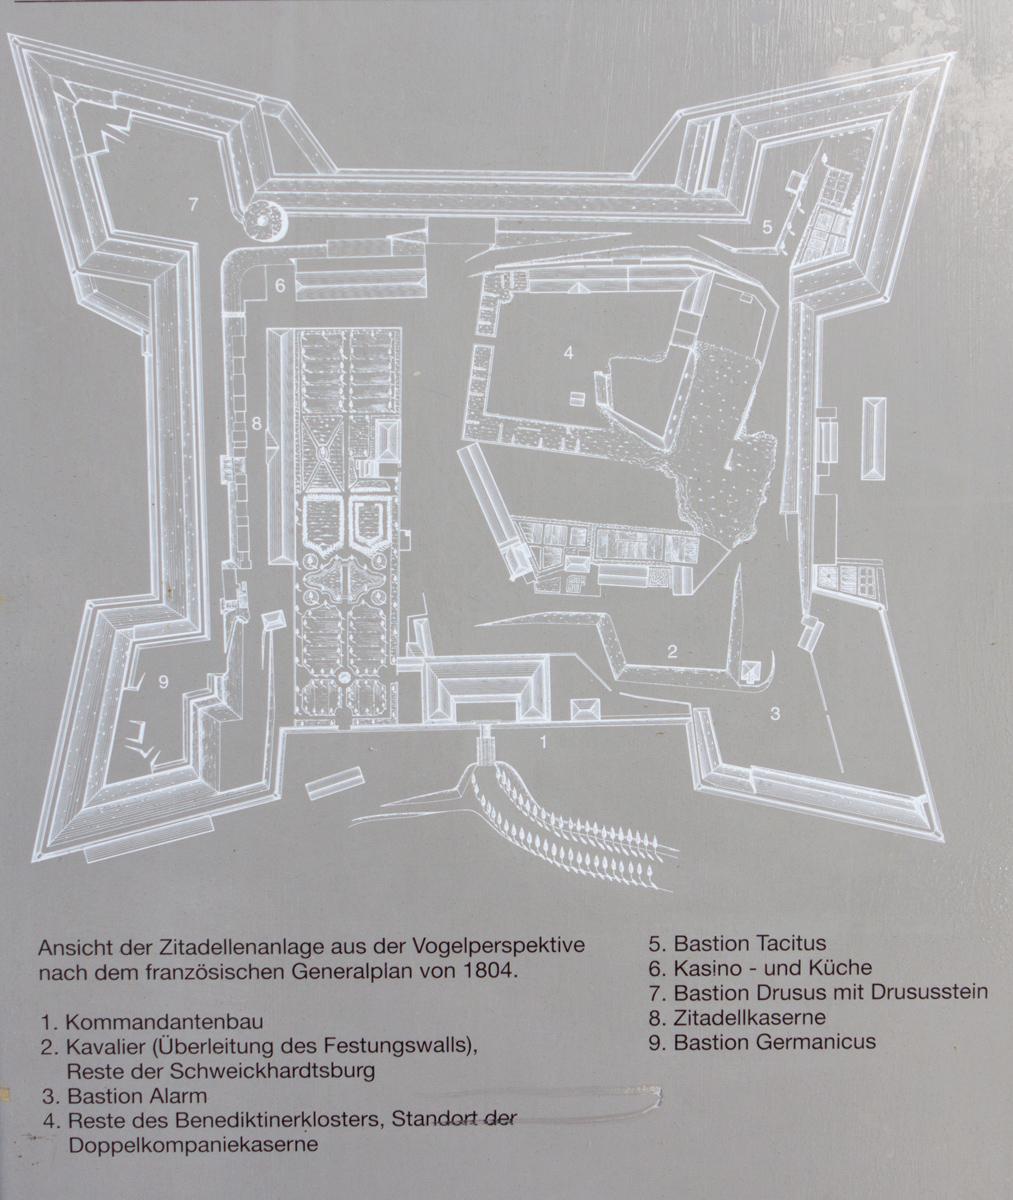 File:Übersichtsplan-Zitadelle-Mainz.jpg